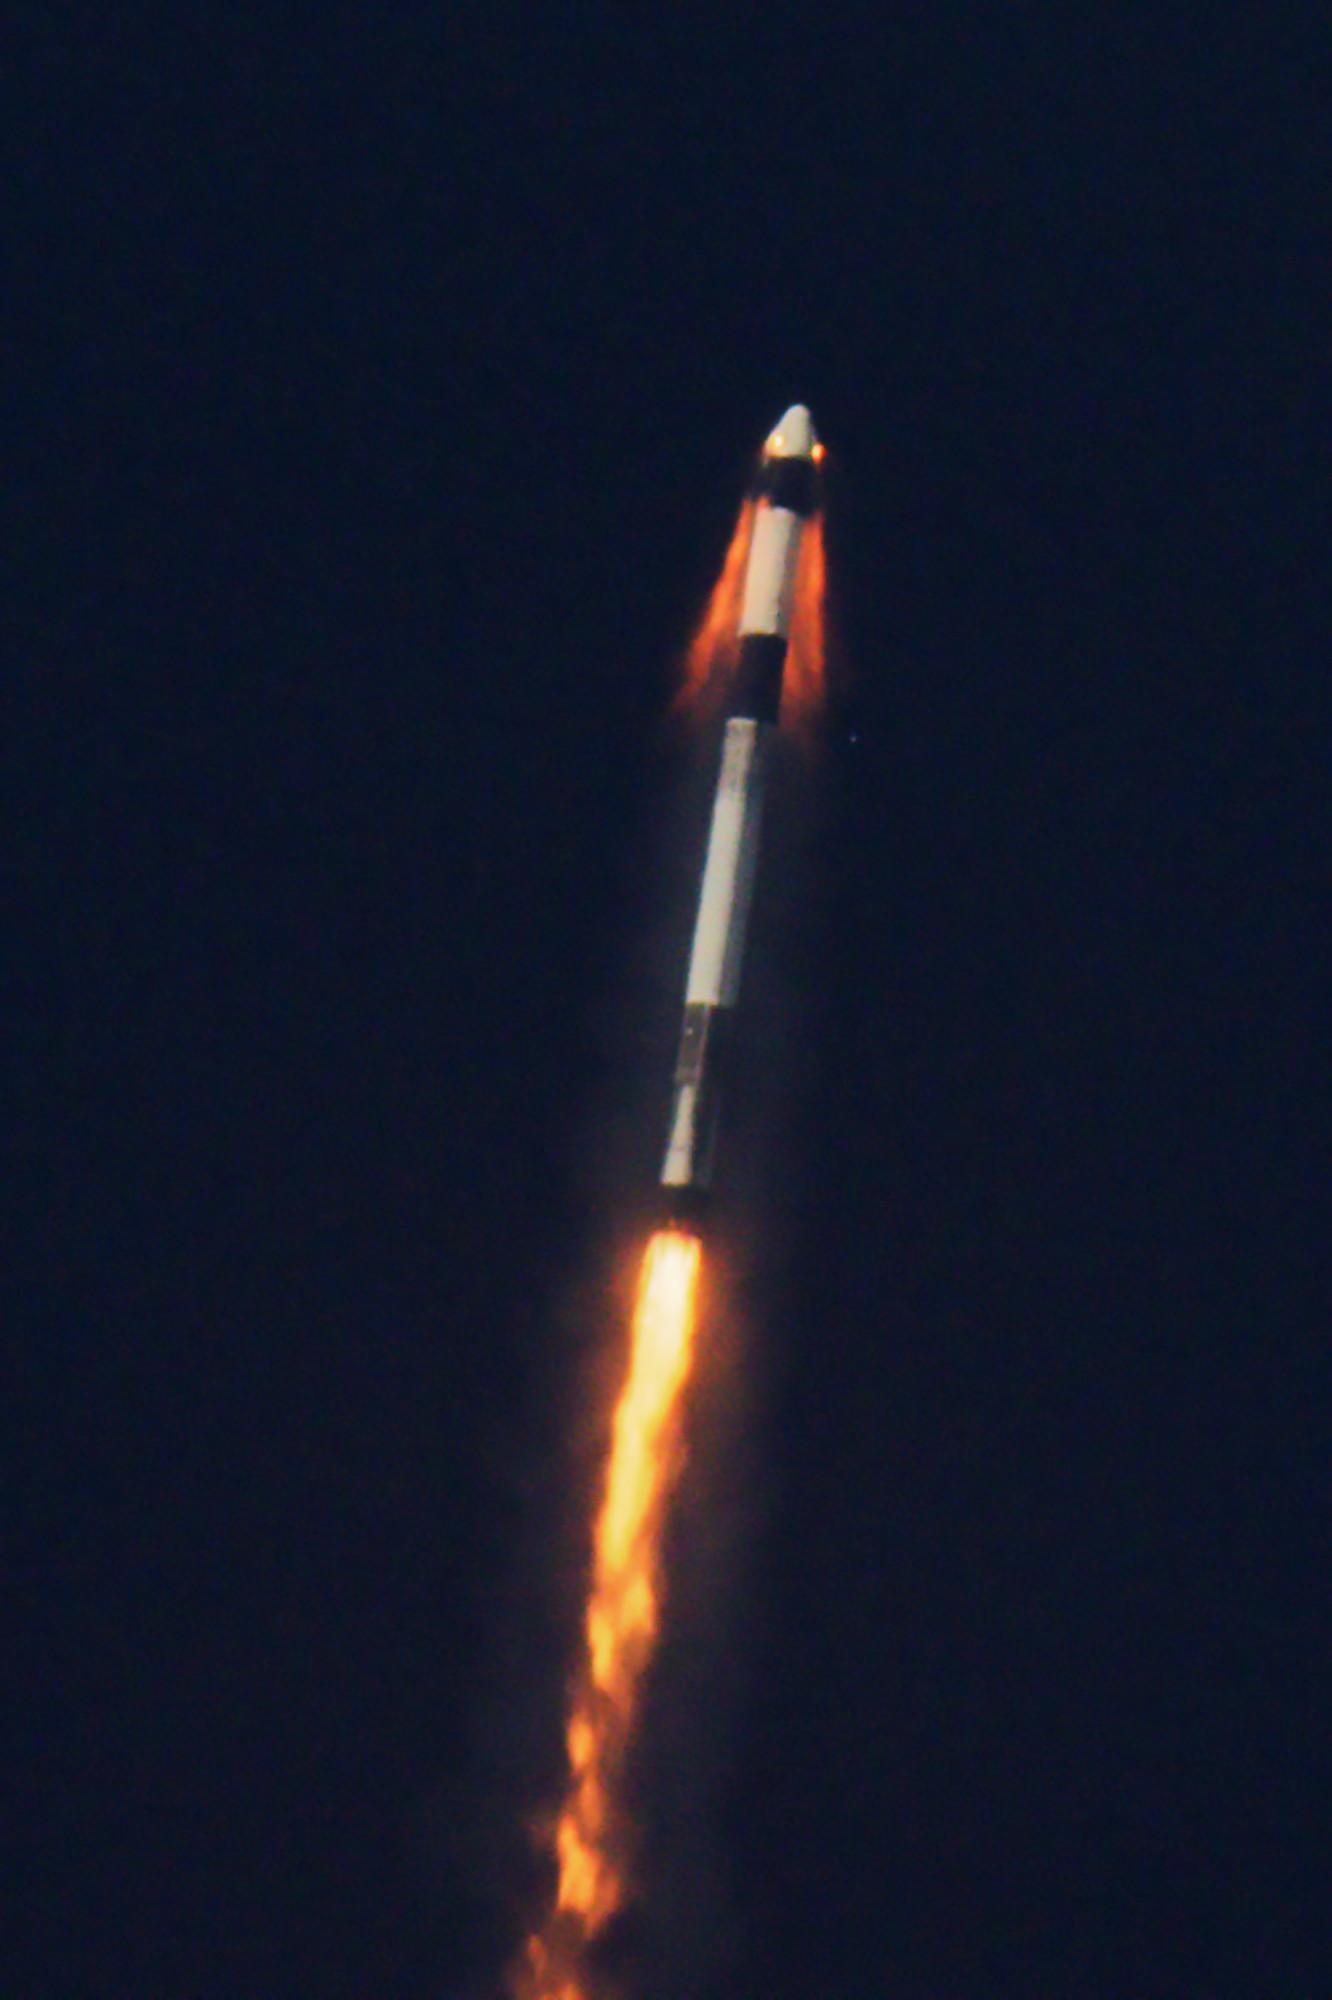 Figure 1: Momentul în care motoarele SuperDraco ale capsulei Dragon-2 sunt activate și aceasta se desprinde de racheta Falcon 9 (Sursa: SpaceX)